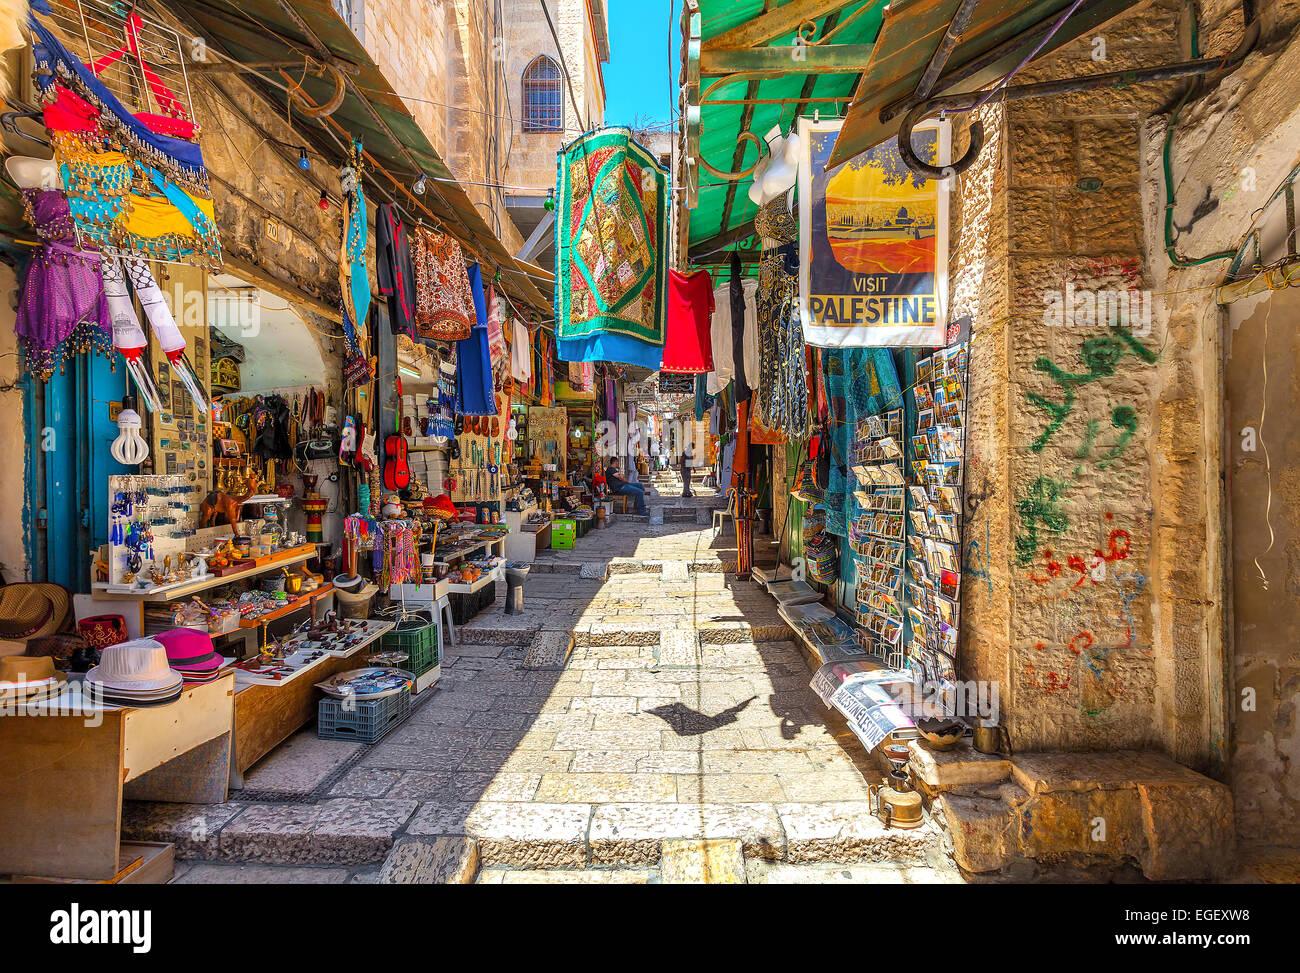 Steinerne Gasse unter Stände mit traditionellen Souvenirs und waren im Basar in Jerusalem. Stockbild